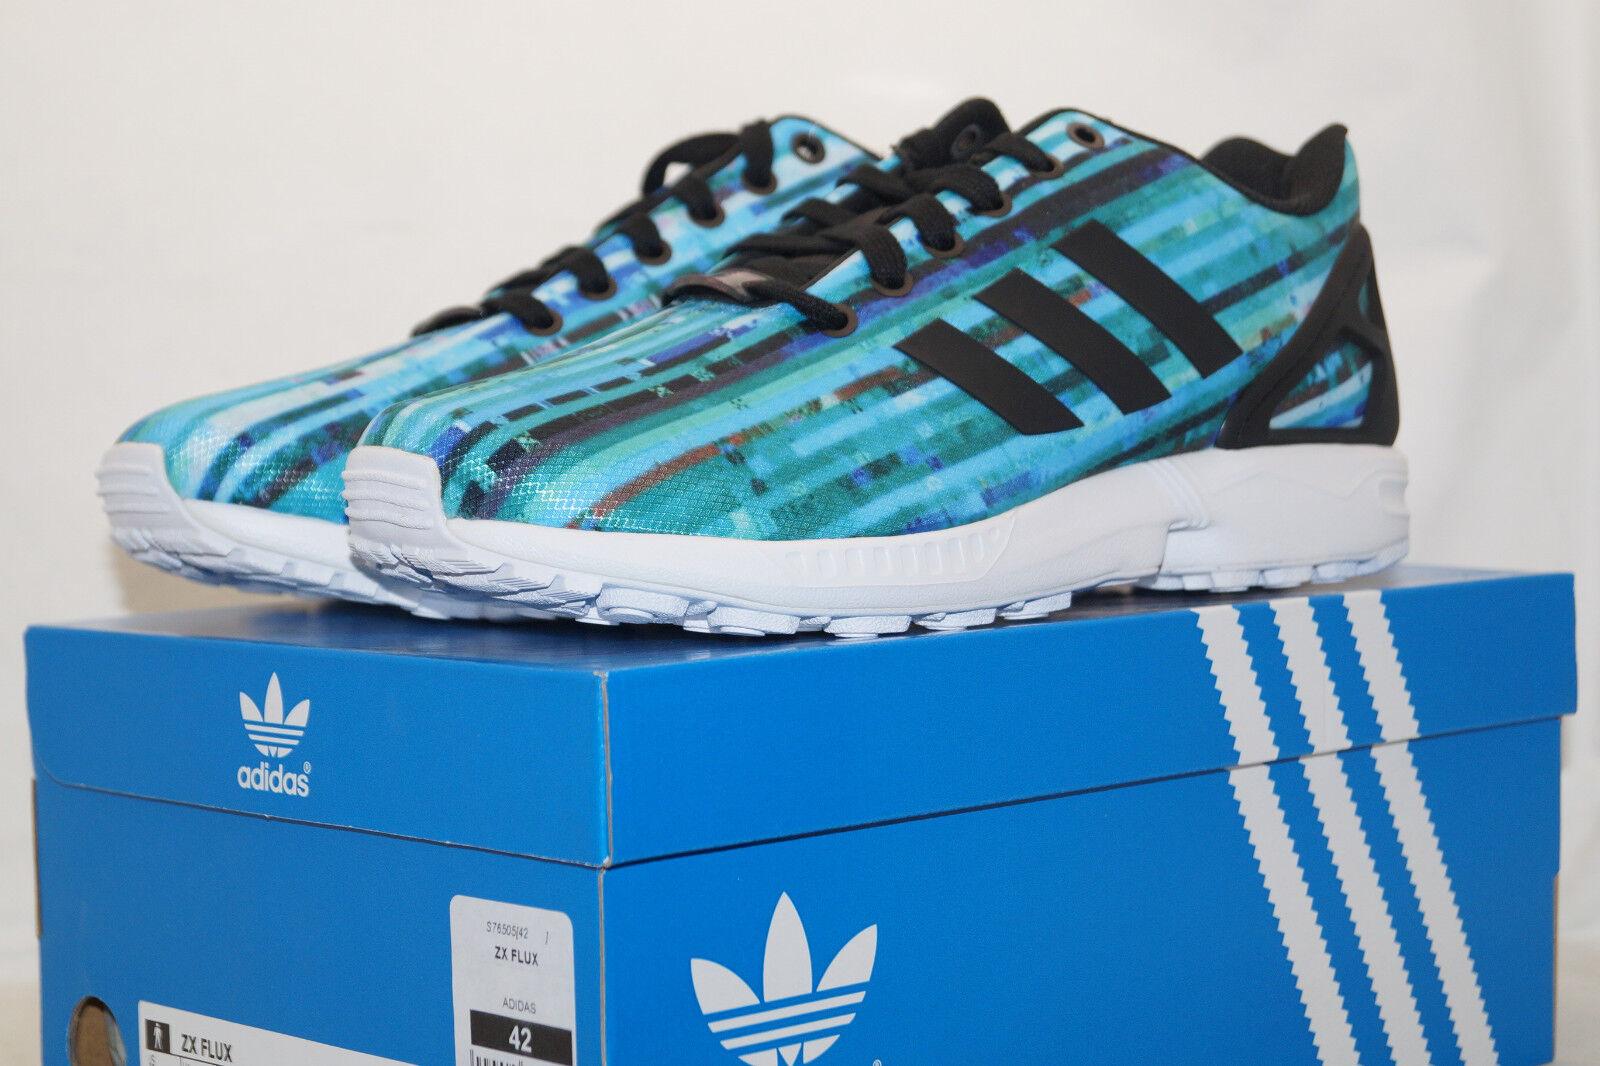 Adidas ZX FLUX TORSION EU 42 UK 8 Running Running Running Schuhes türkis blau s76505 Laufschuhe 7e7193